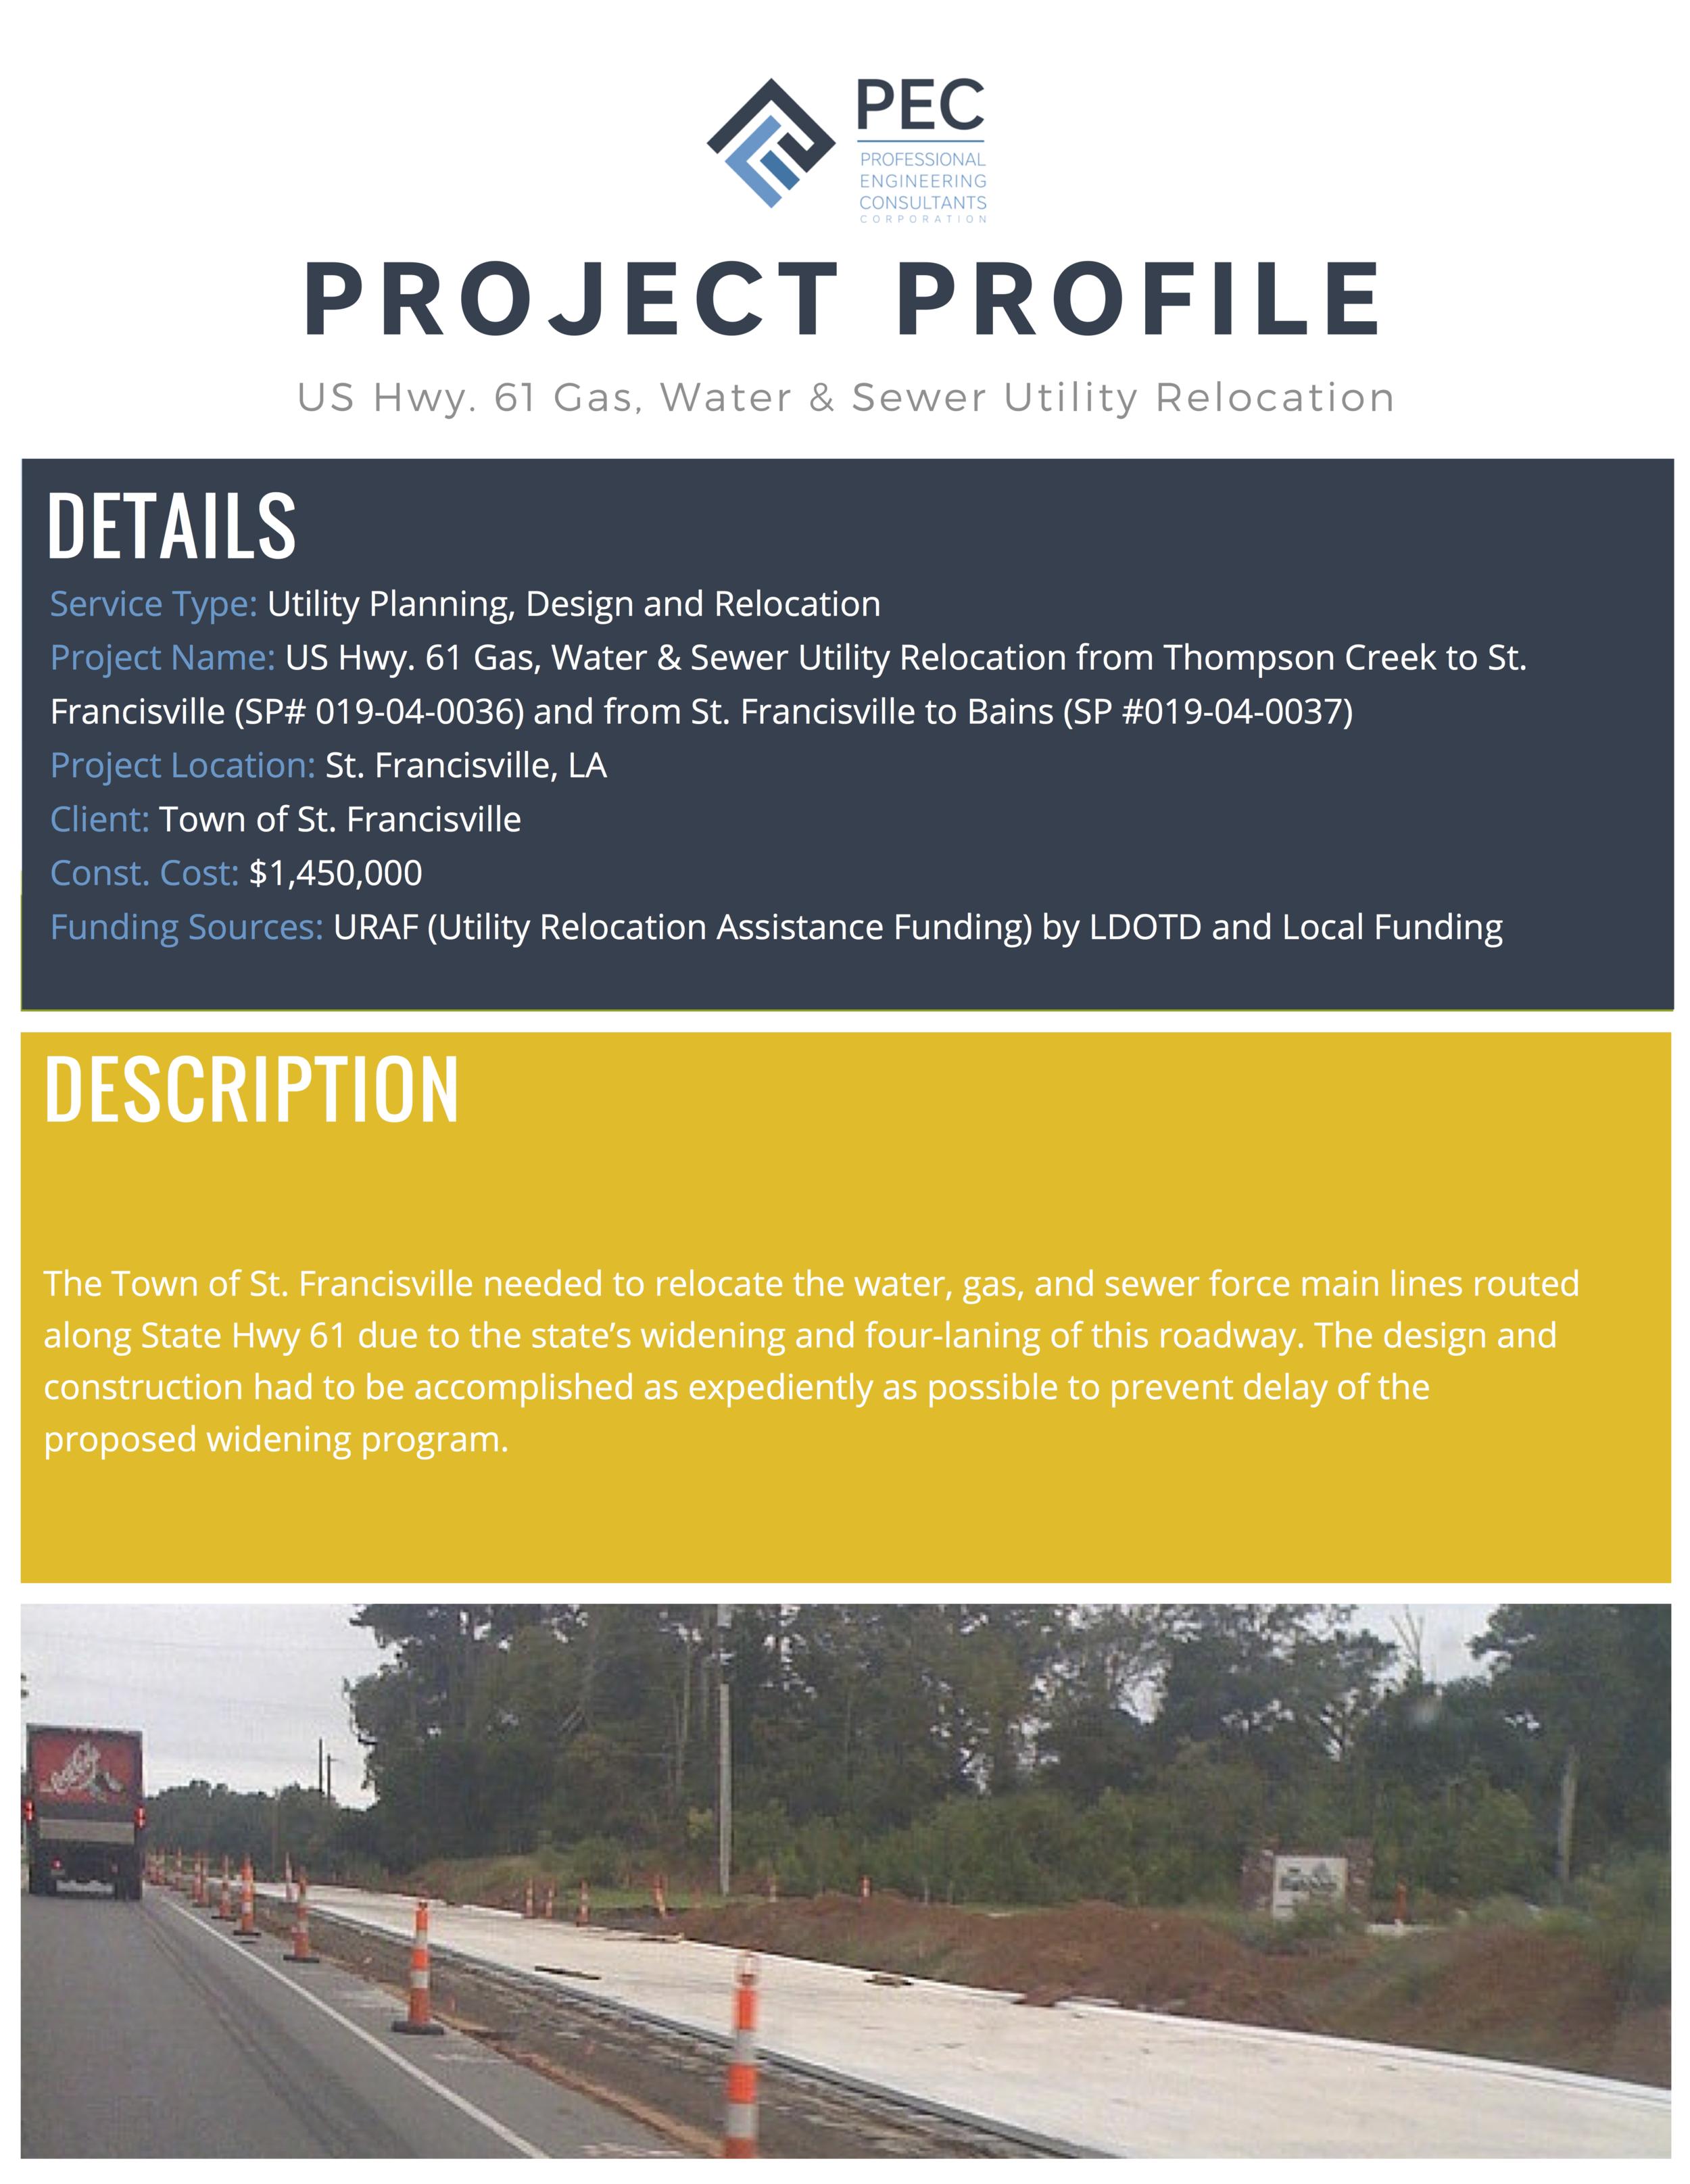 Project Profile_USHWY61GasFINAL.jpg